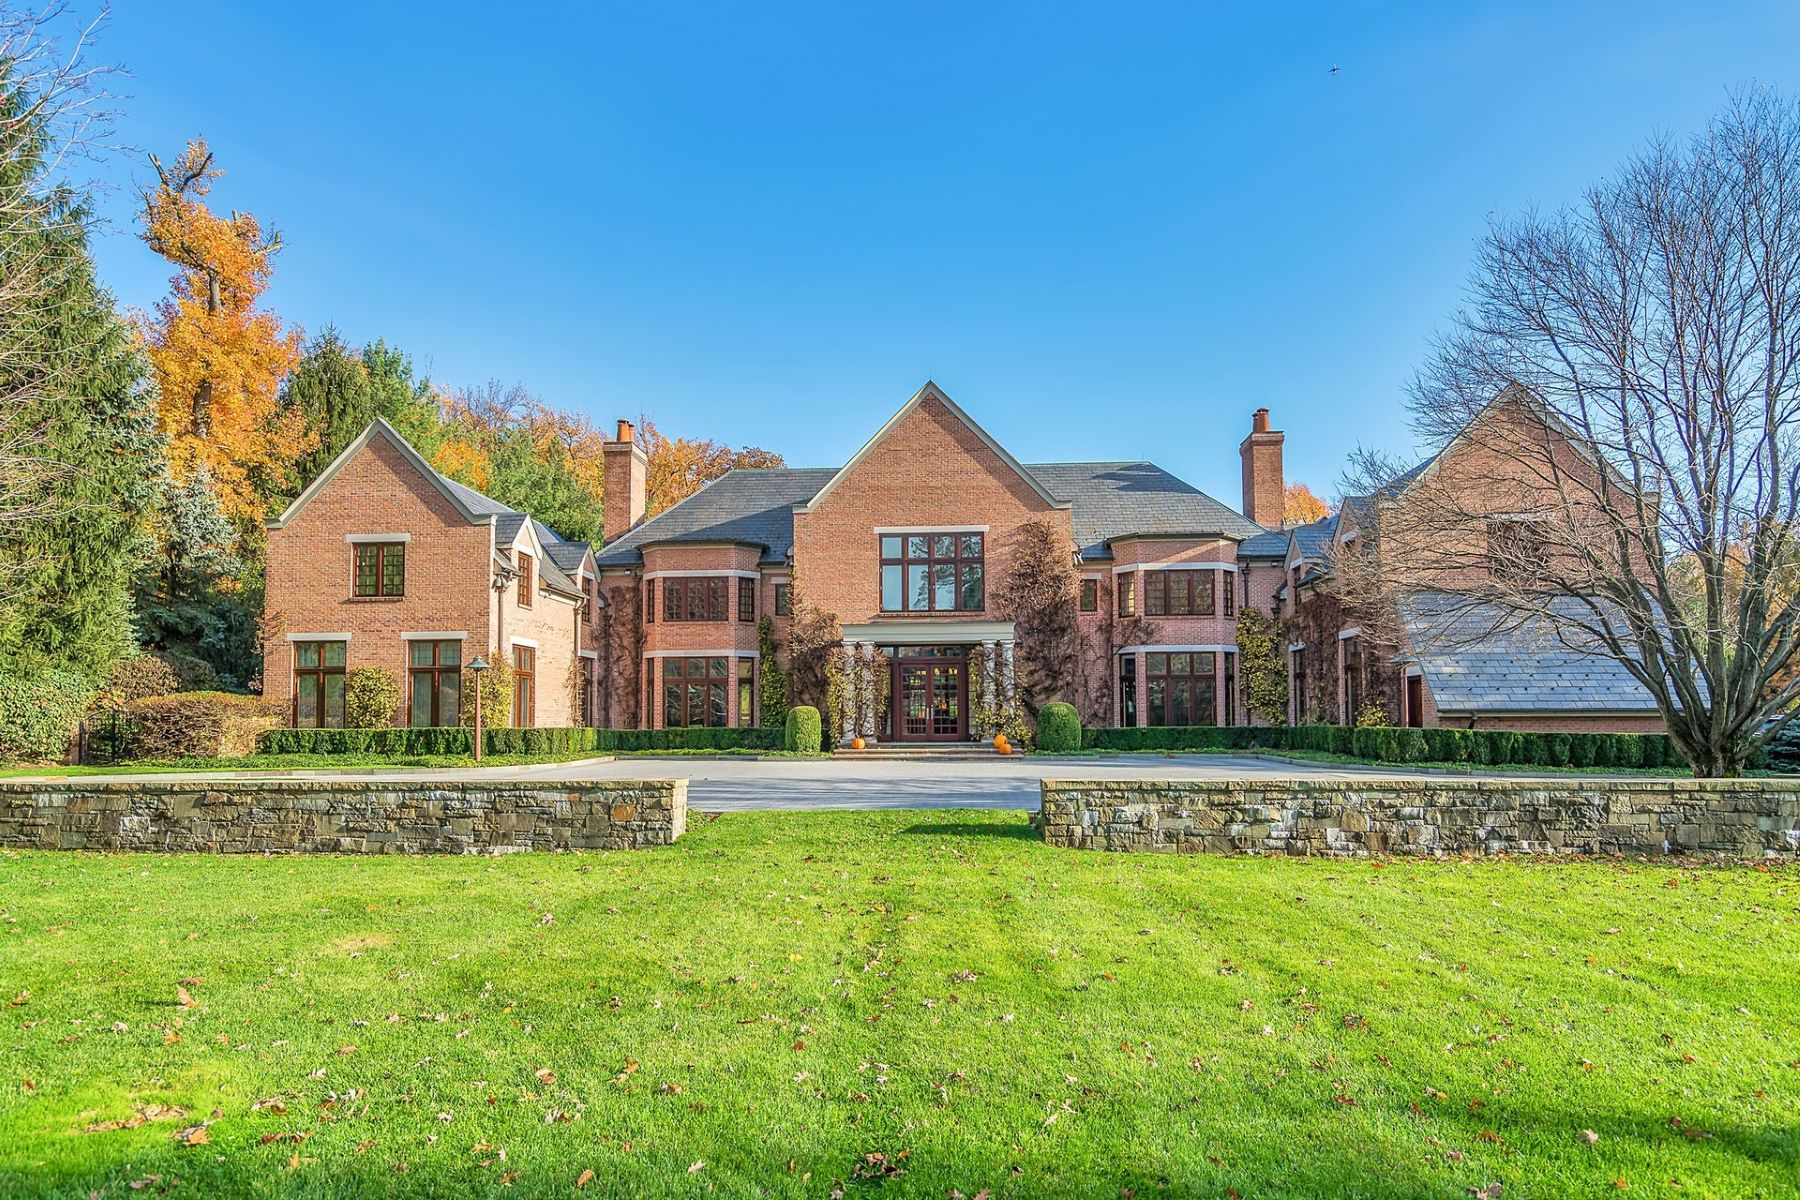 Villa per Vendita alle ore Epitome of Elegance 155 Lincoln Street, Englewood, New Jersey 07631 Stati Uniti